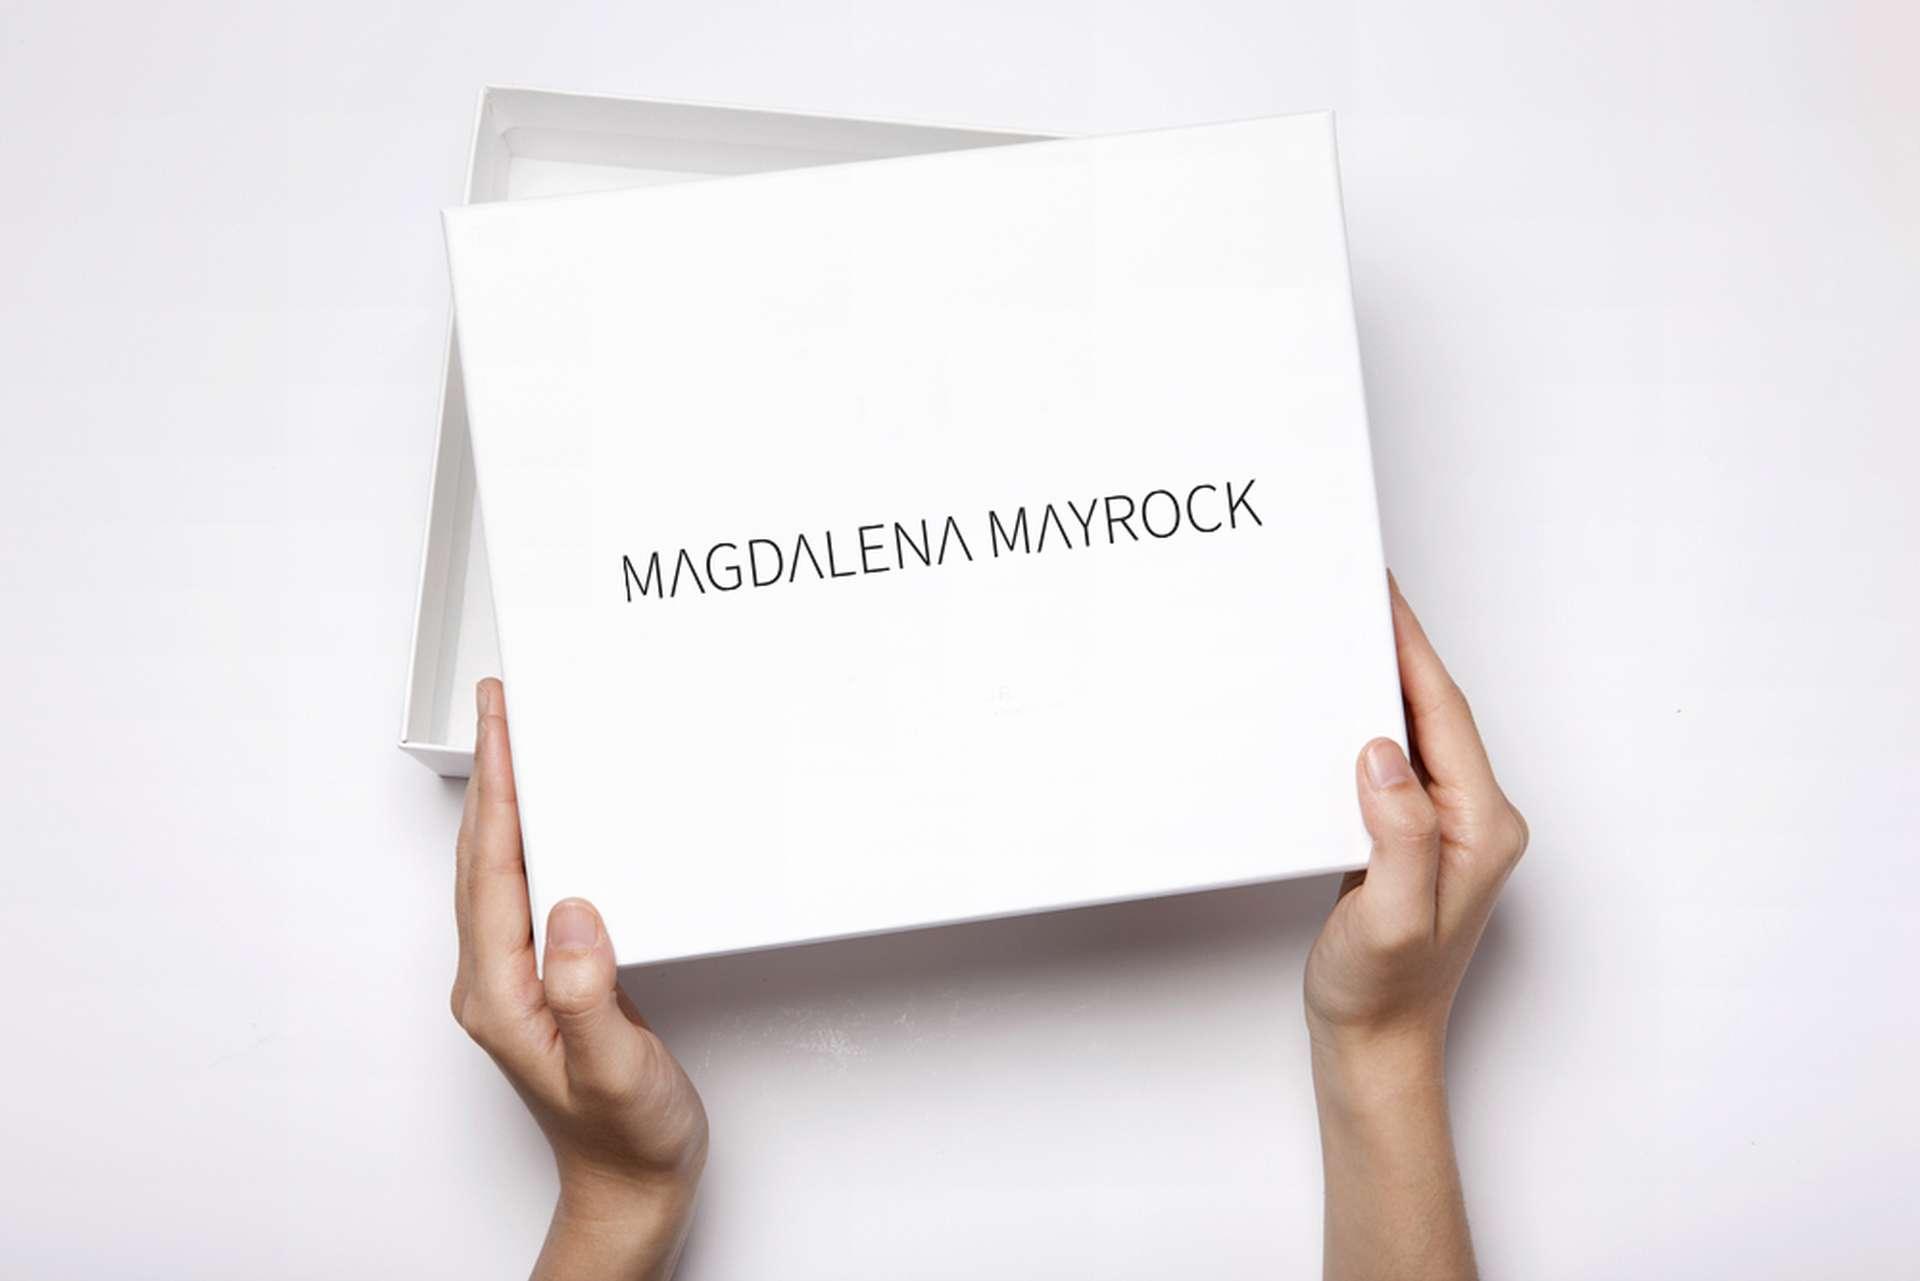 Lieferung Magdalena Mayrock